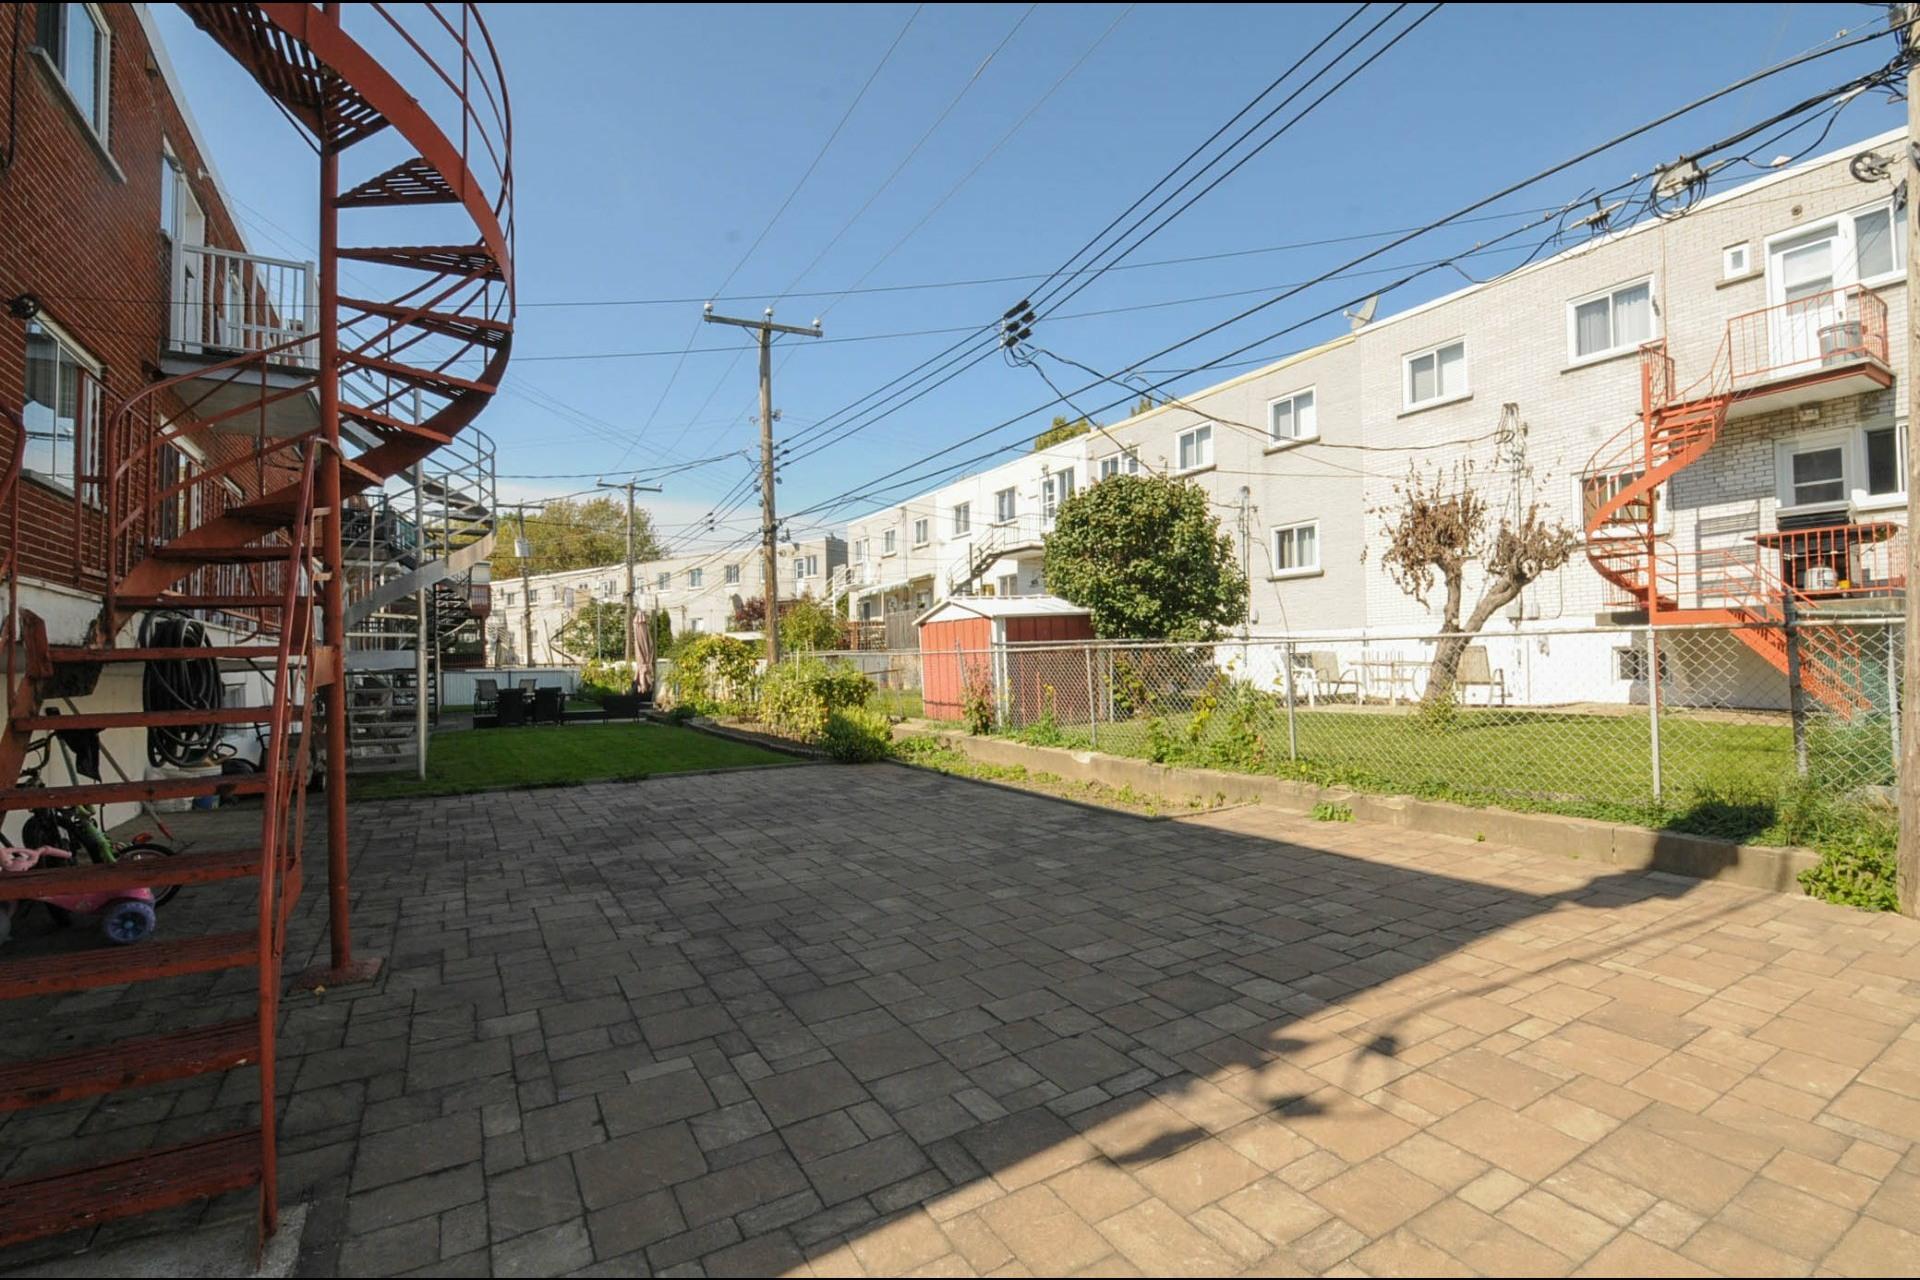 image 40 - Duplex À vendre Montréal LaSalle  - 8 pièces